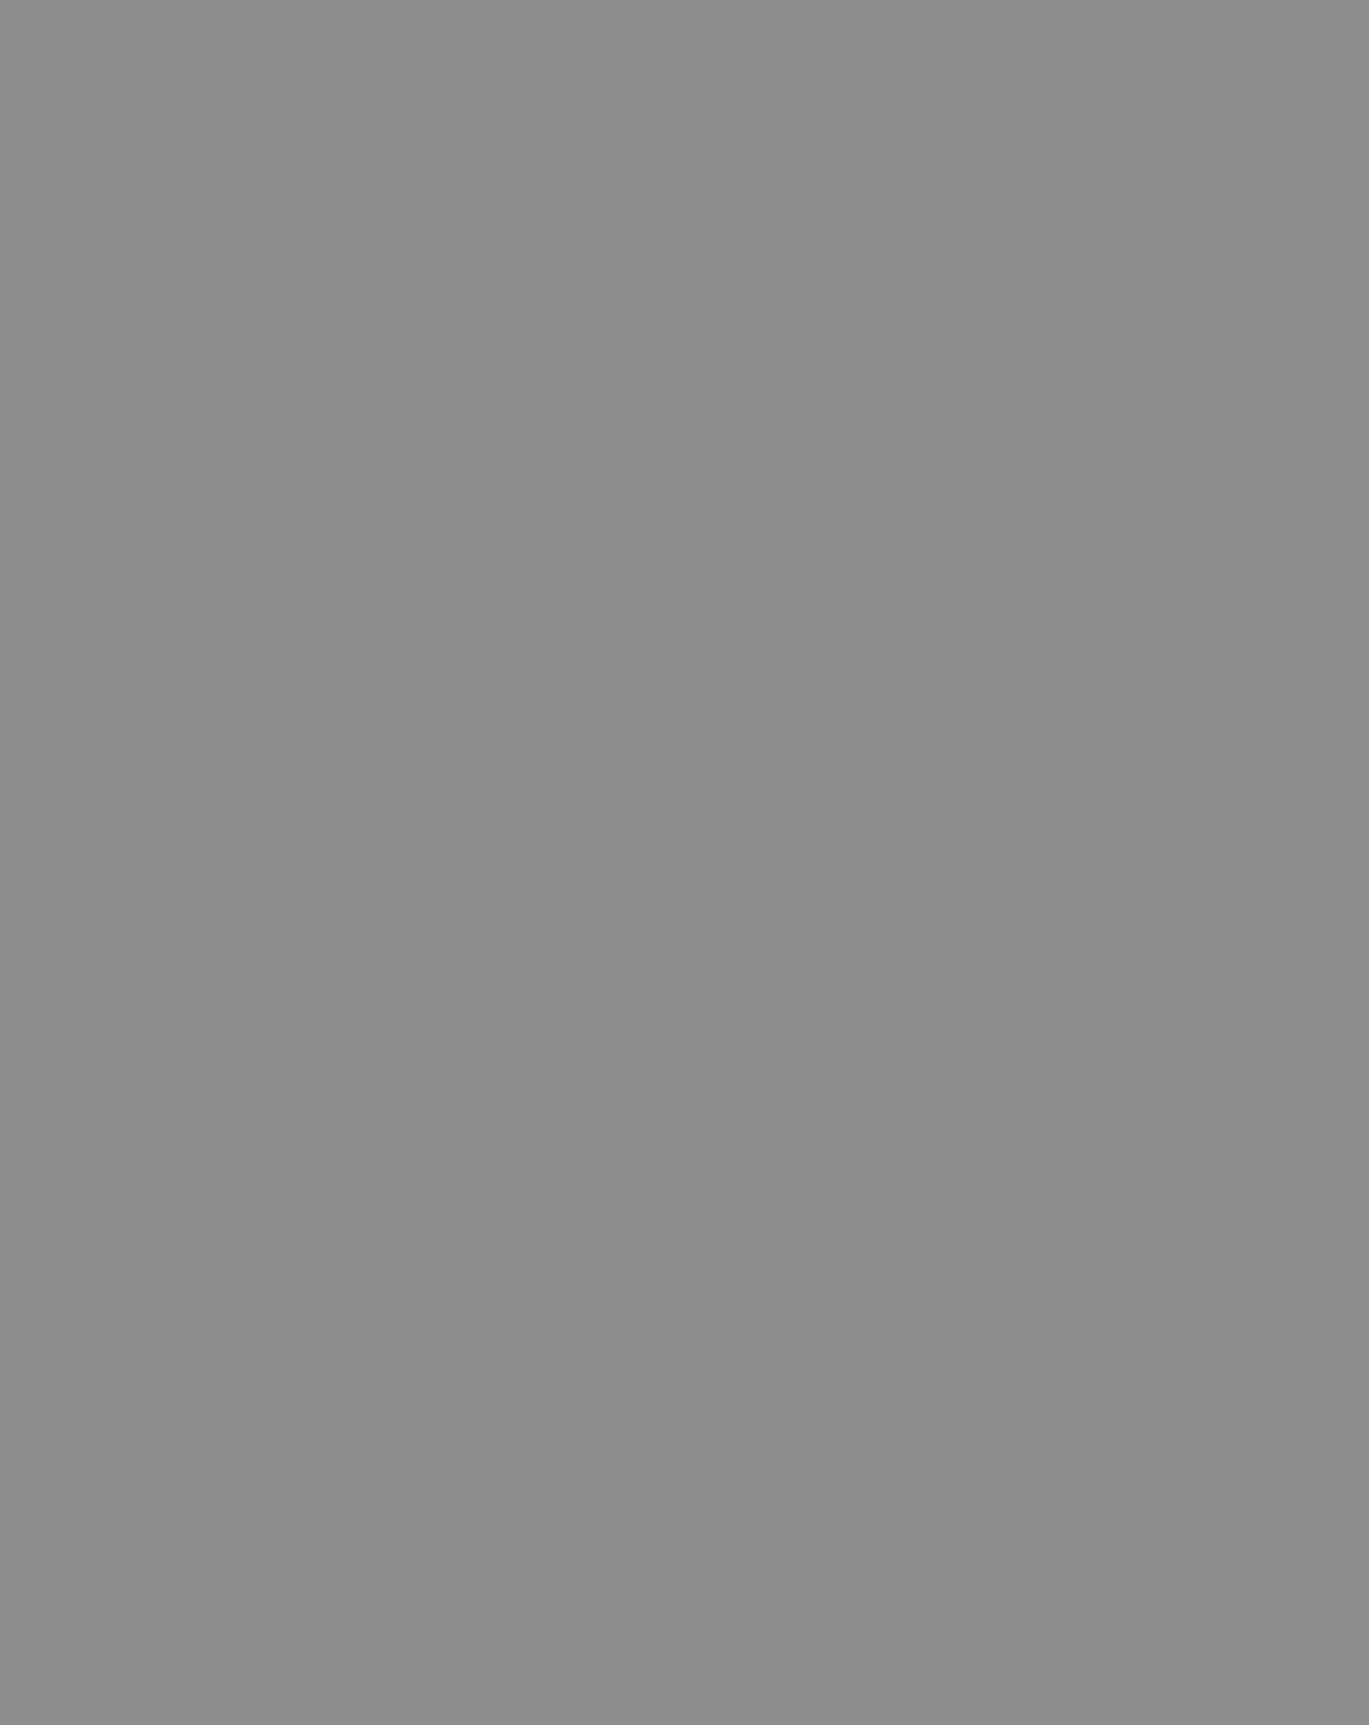 Павел Третьяков. Искусство принадлежит народу. Галерея 2. Семья Третьяковых